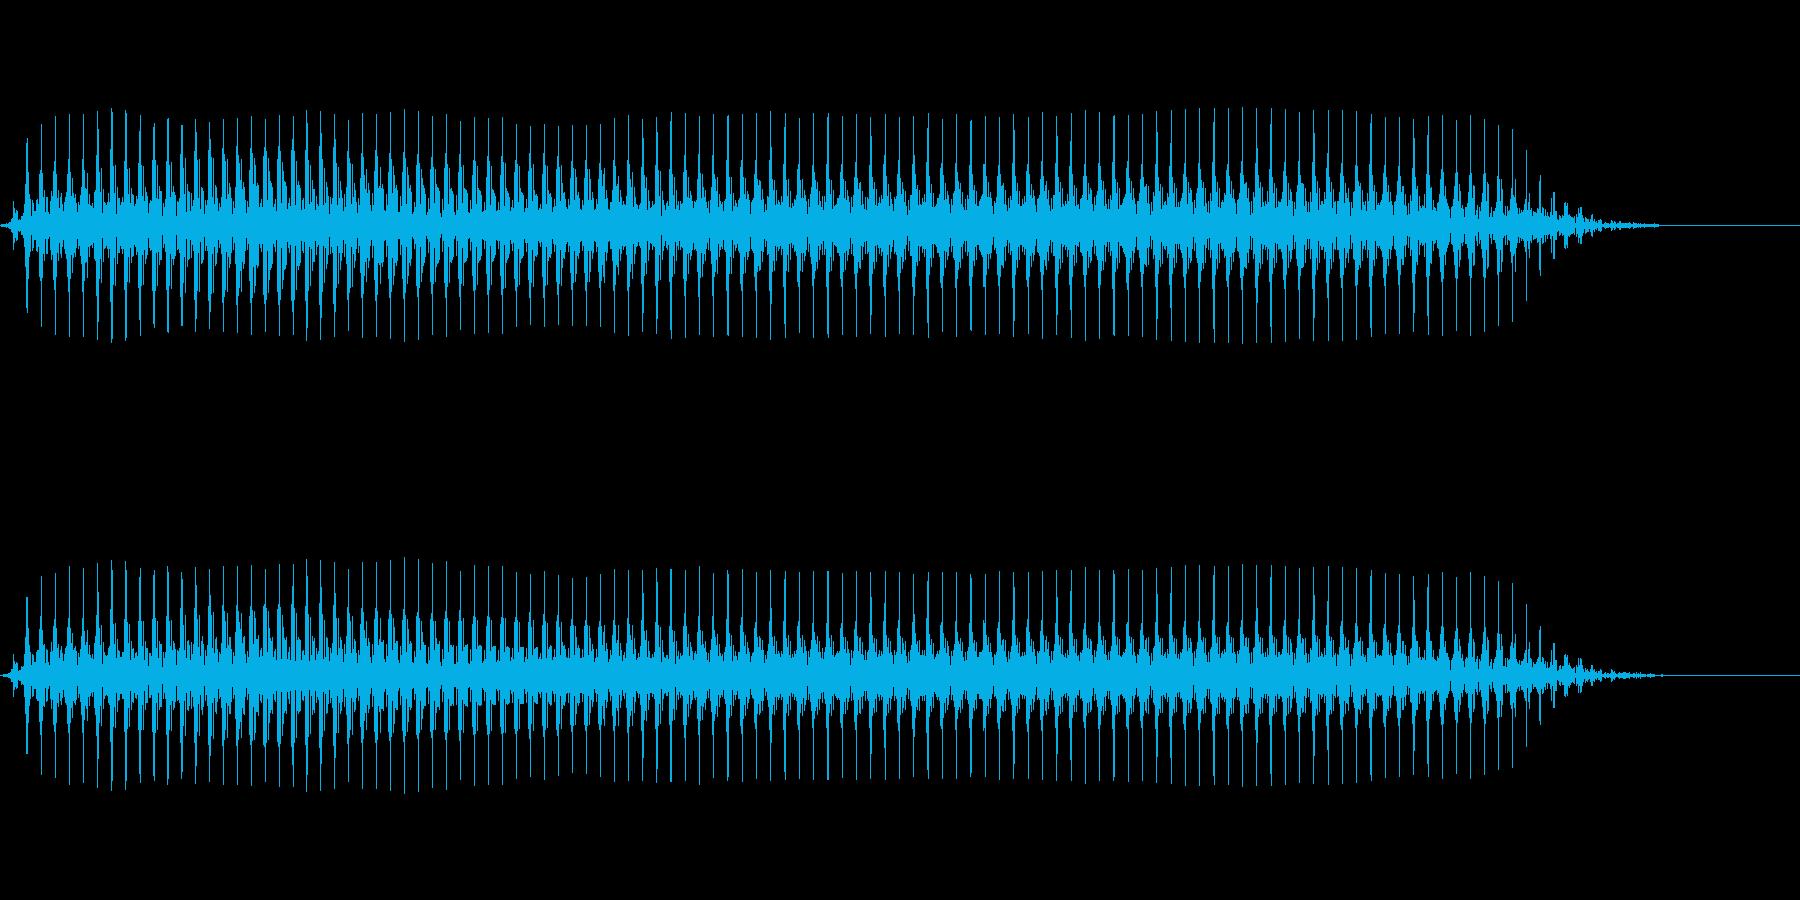 【SE 効果音】効果音その6の再生済みの波形